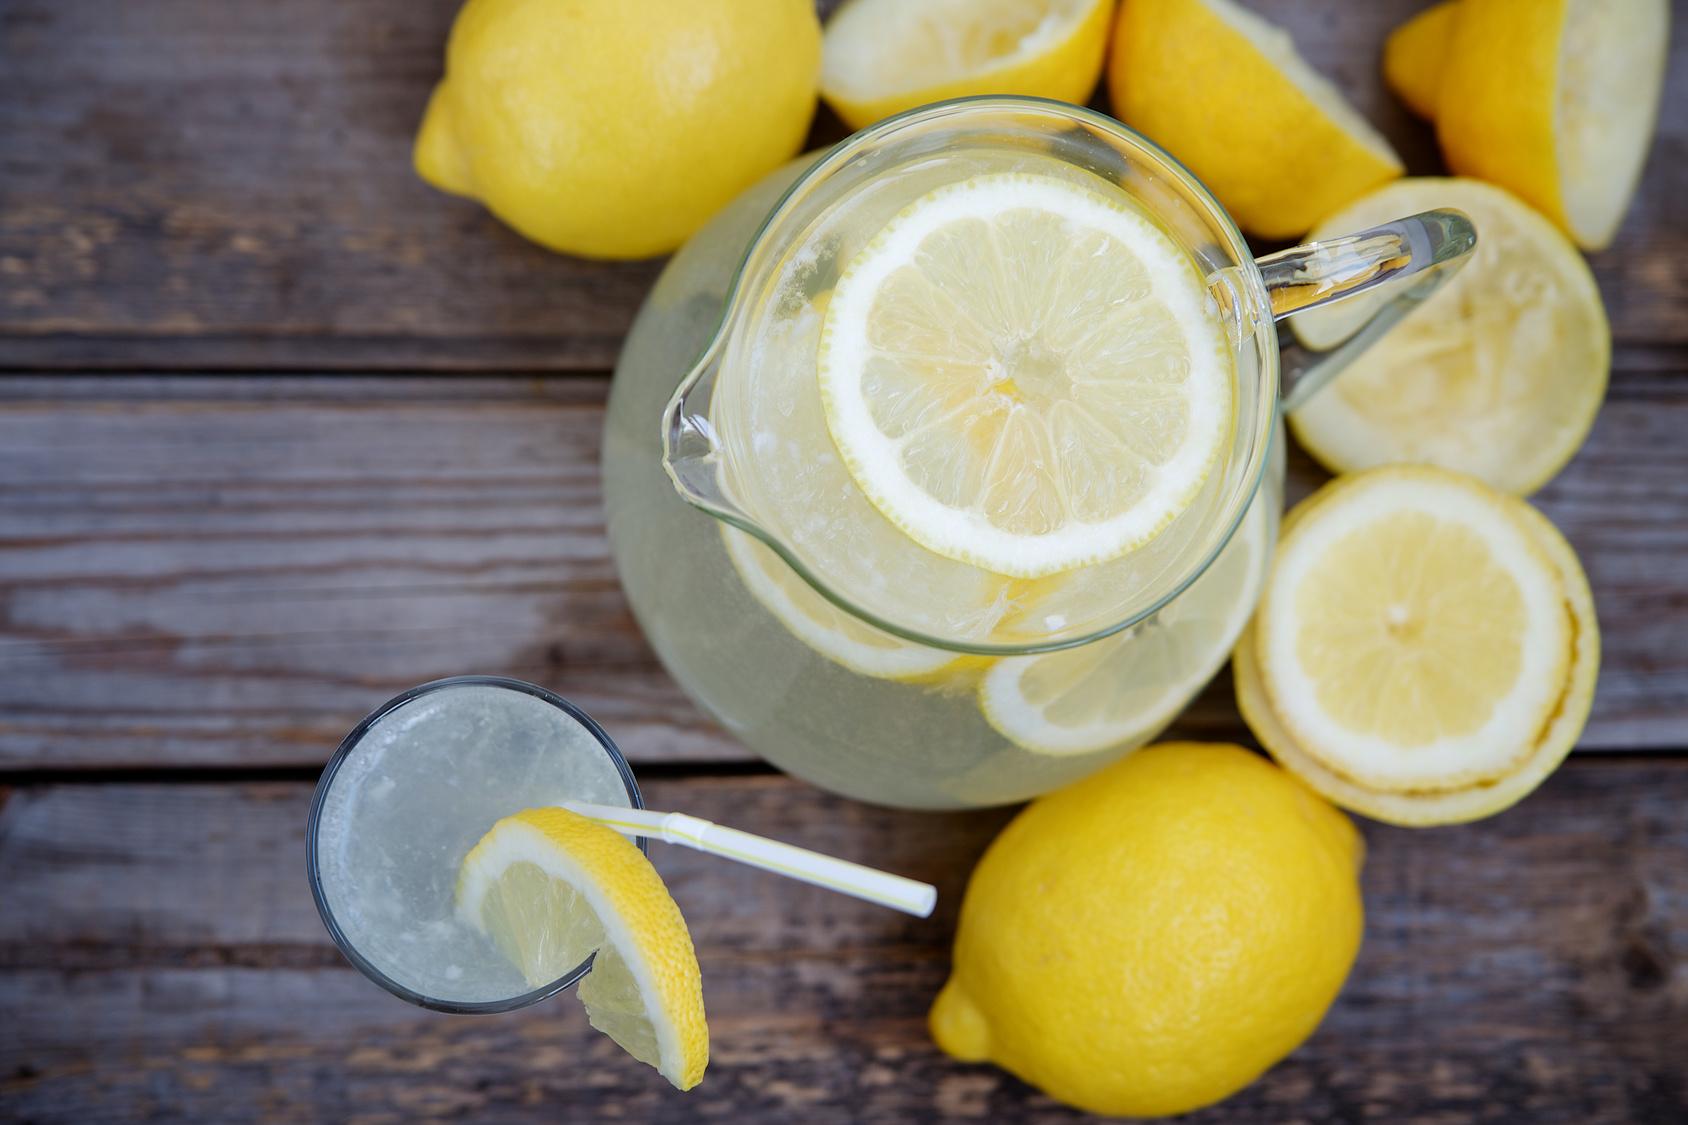 Лимон Вреден Для Похудения. Способы похудения с помощью лимона: обзор самых действенных программ и рецептов